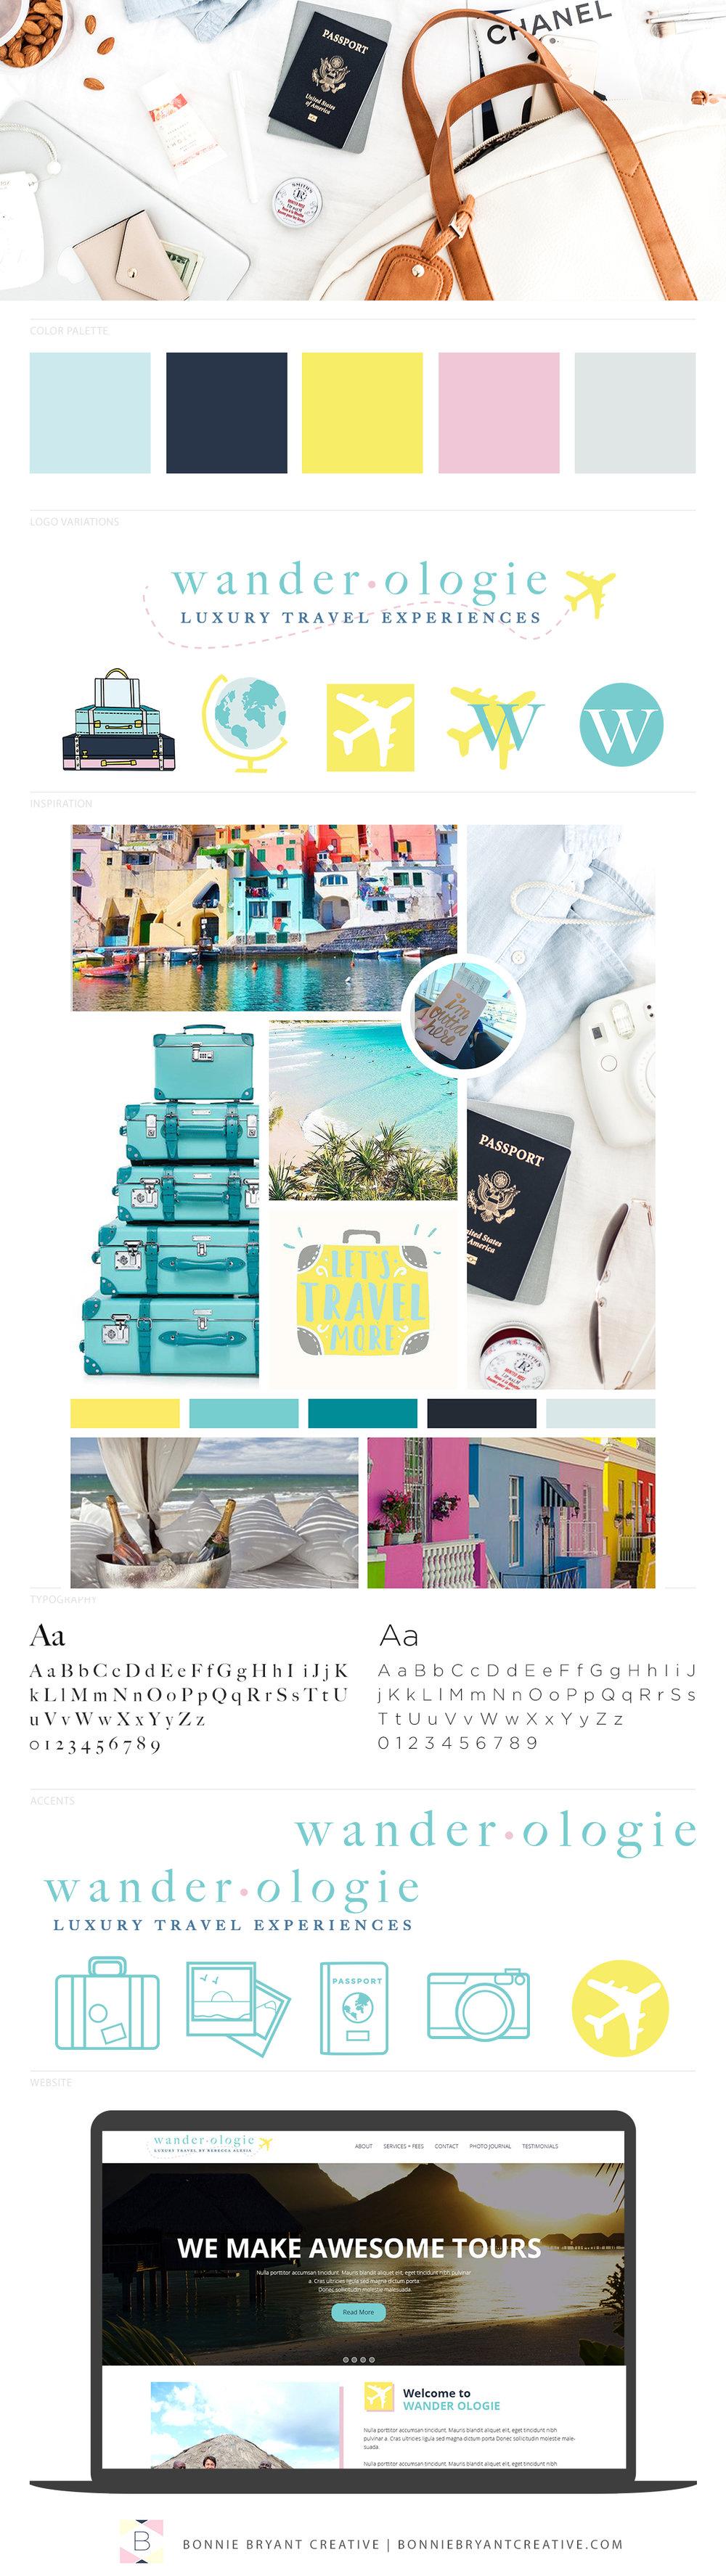 brand design for luxury travel agency | travel agency brand design | travel blogger brand design